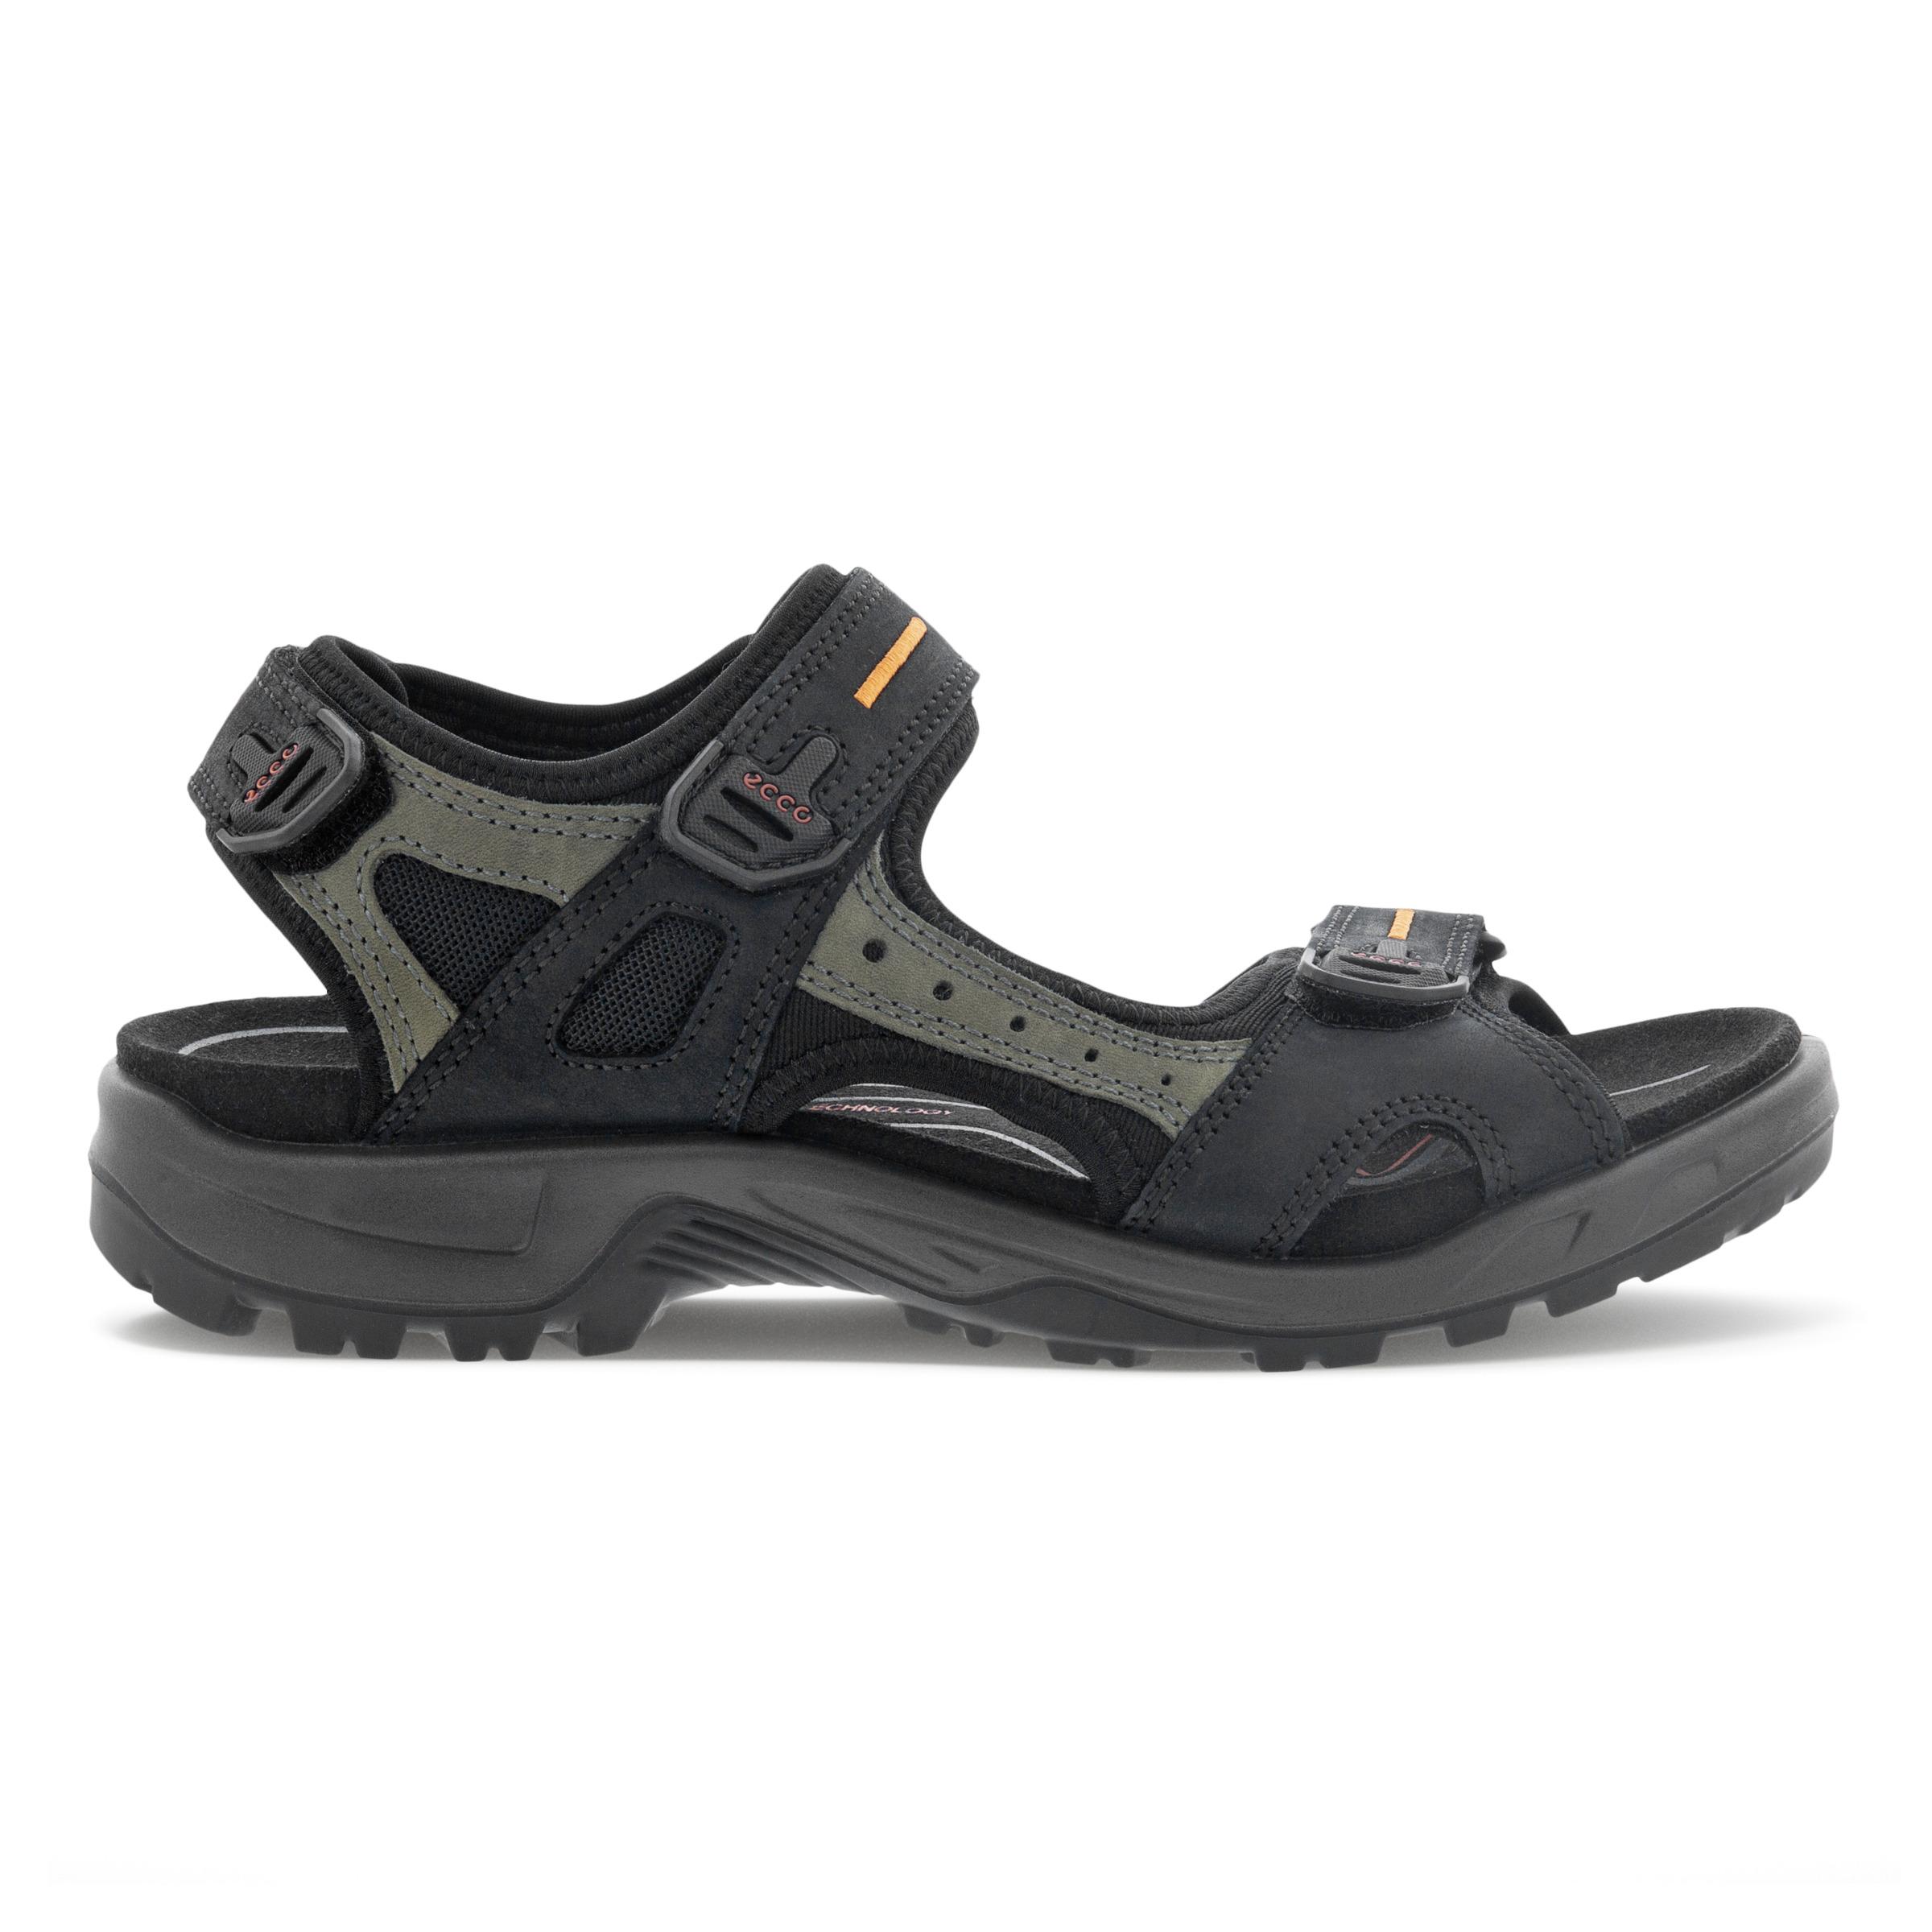 ECCO Mens Yucatan Sandal Size 14-14.5 Black